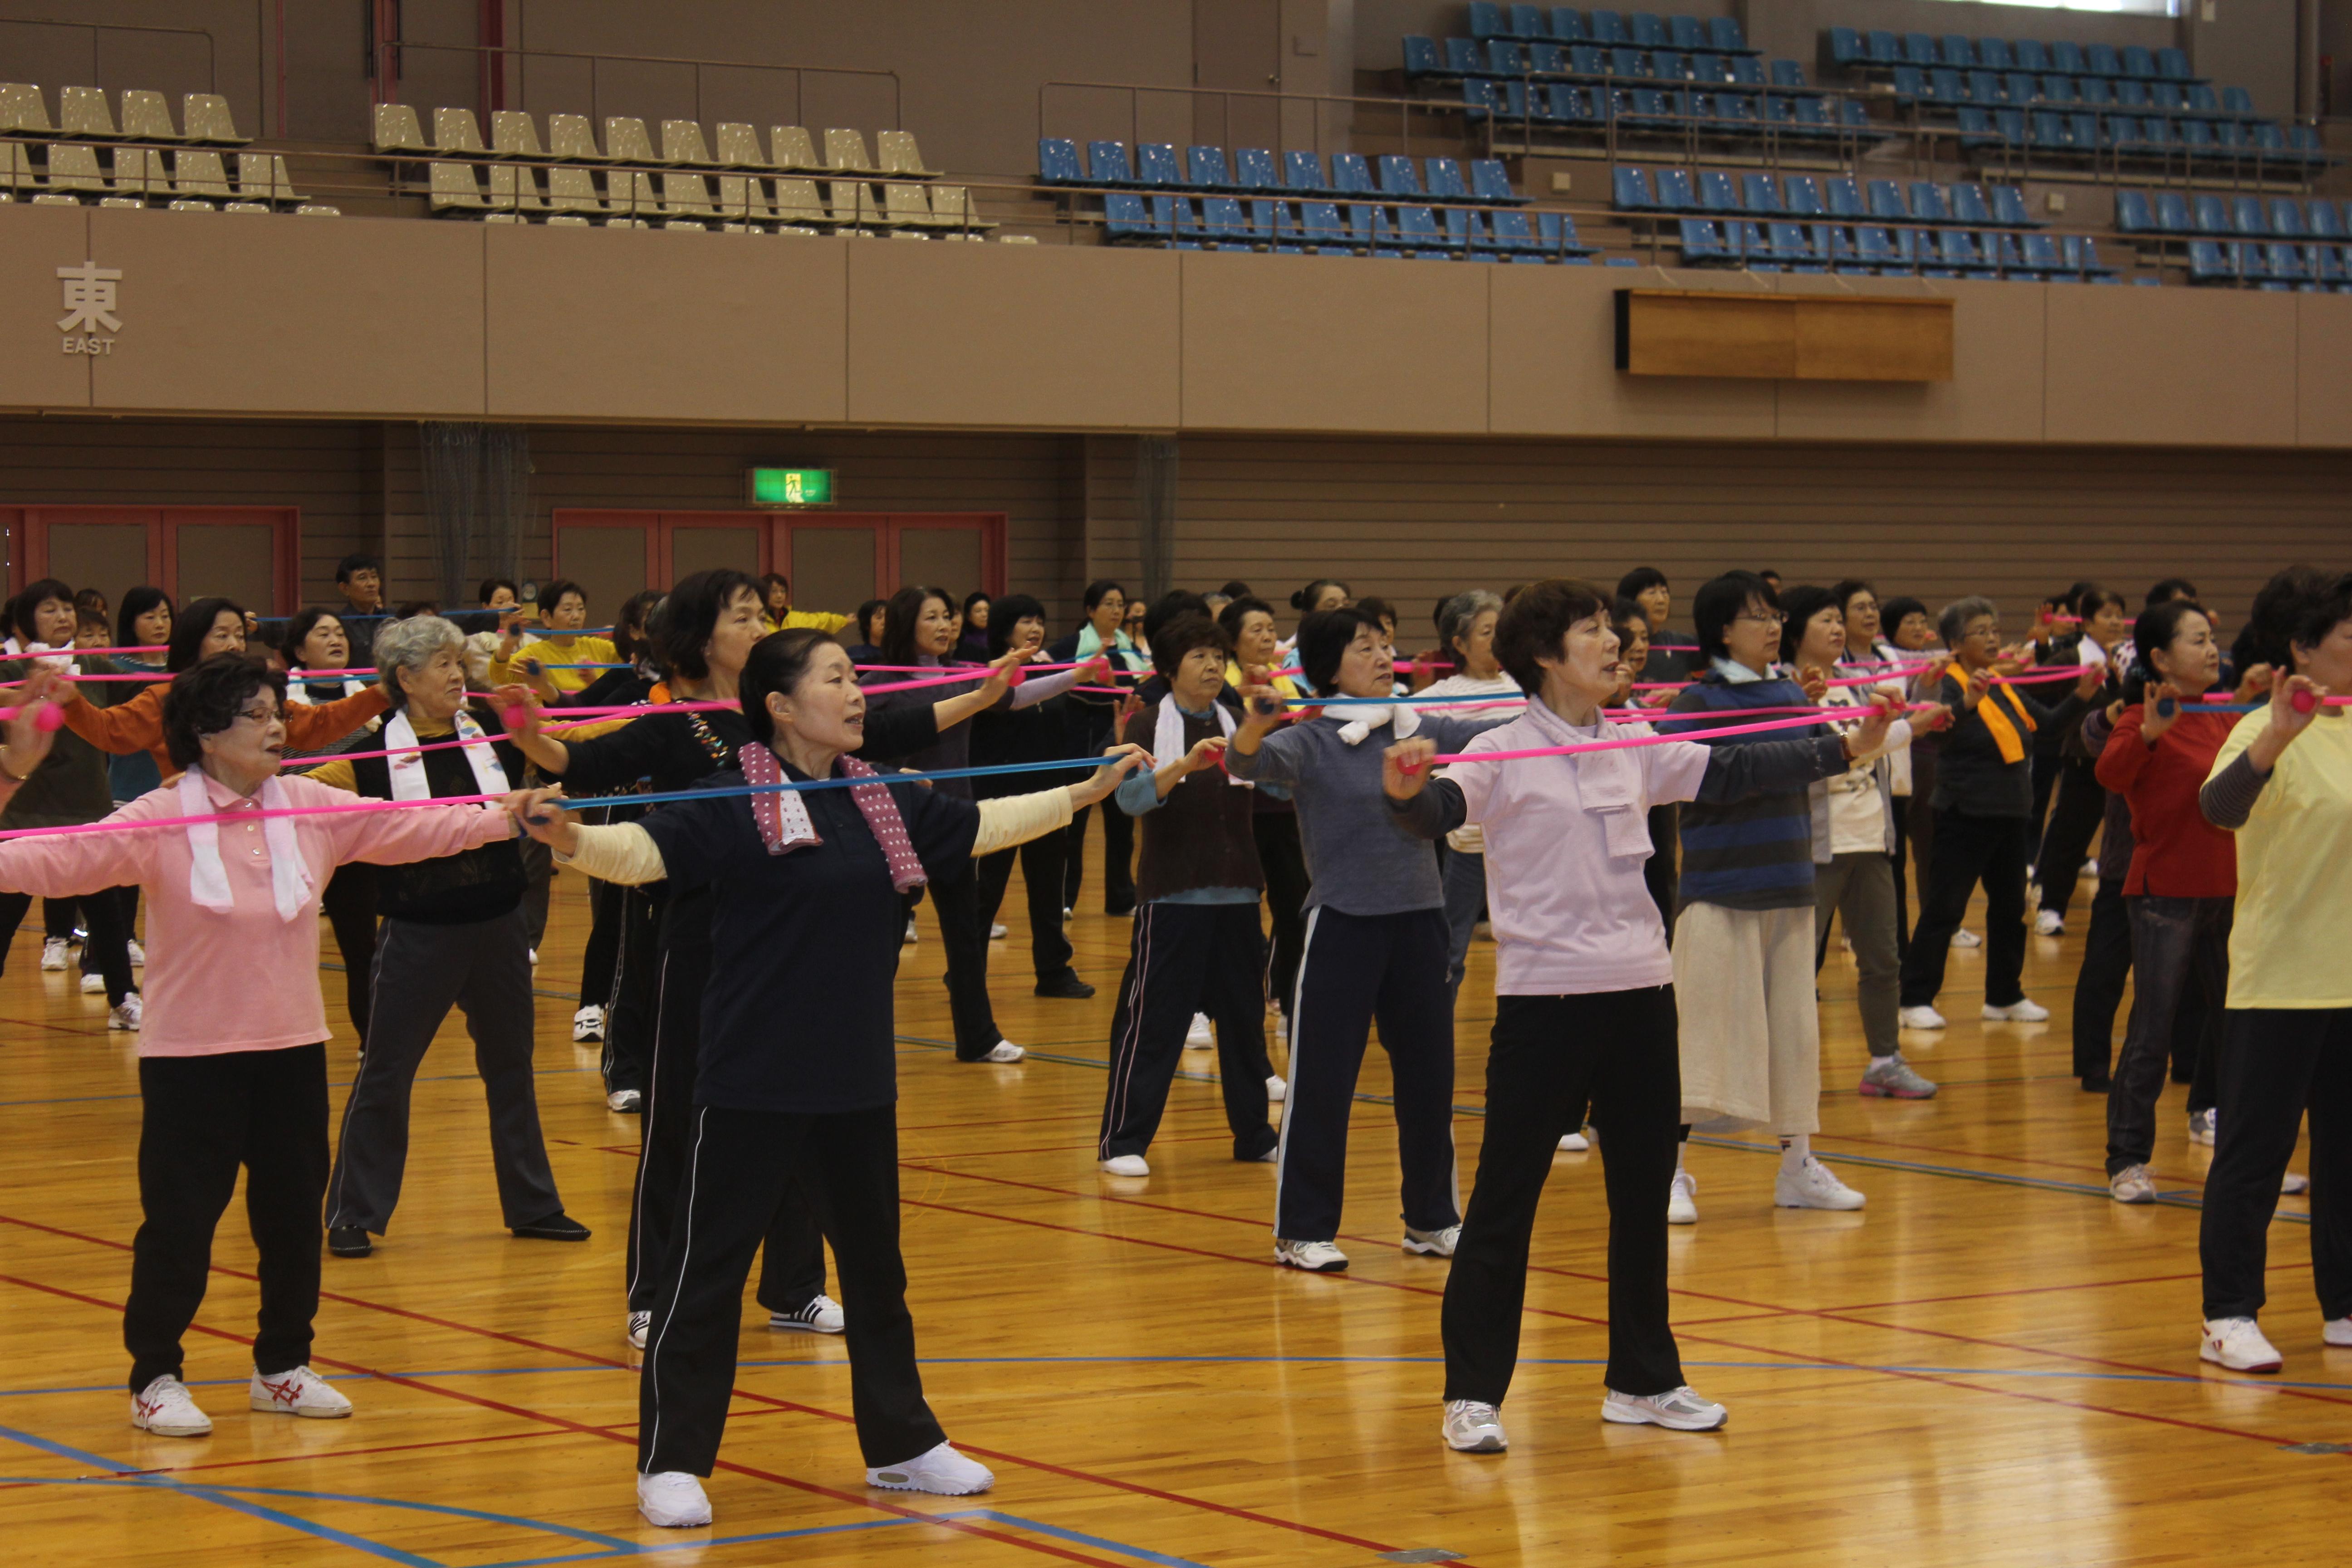 http://www.jafanet.jp/event/IMG_3691.JPG